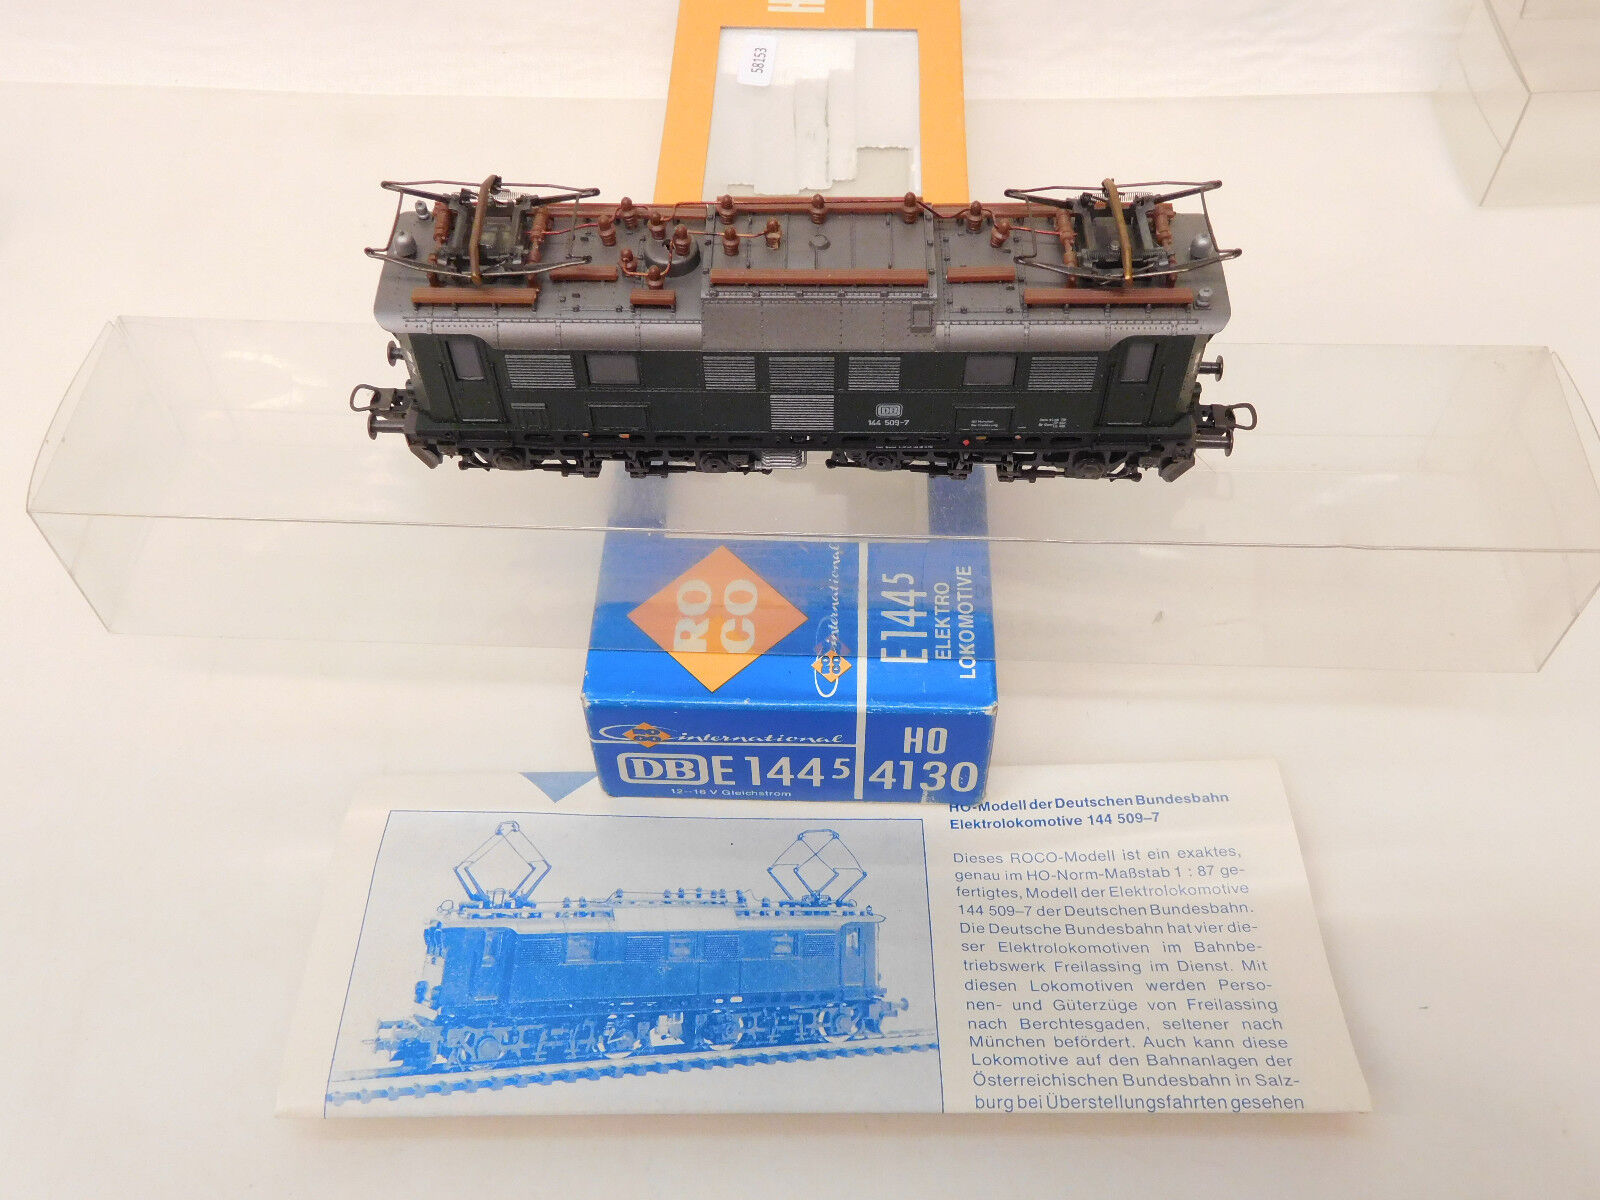 Mes-58153 ROCO 4130 h0 E-Lok DB 144 509-7 ottime condizioni, esaminato funzione,